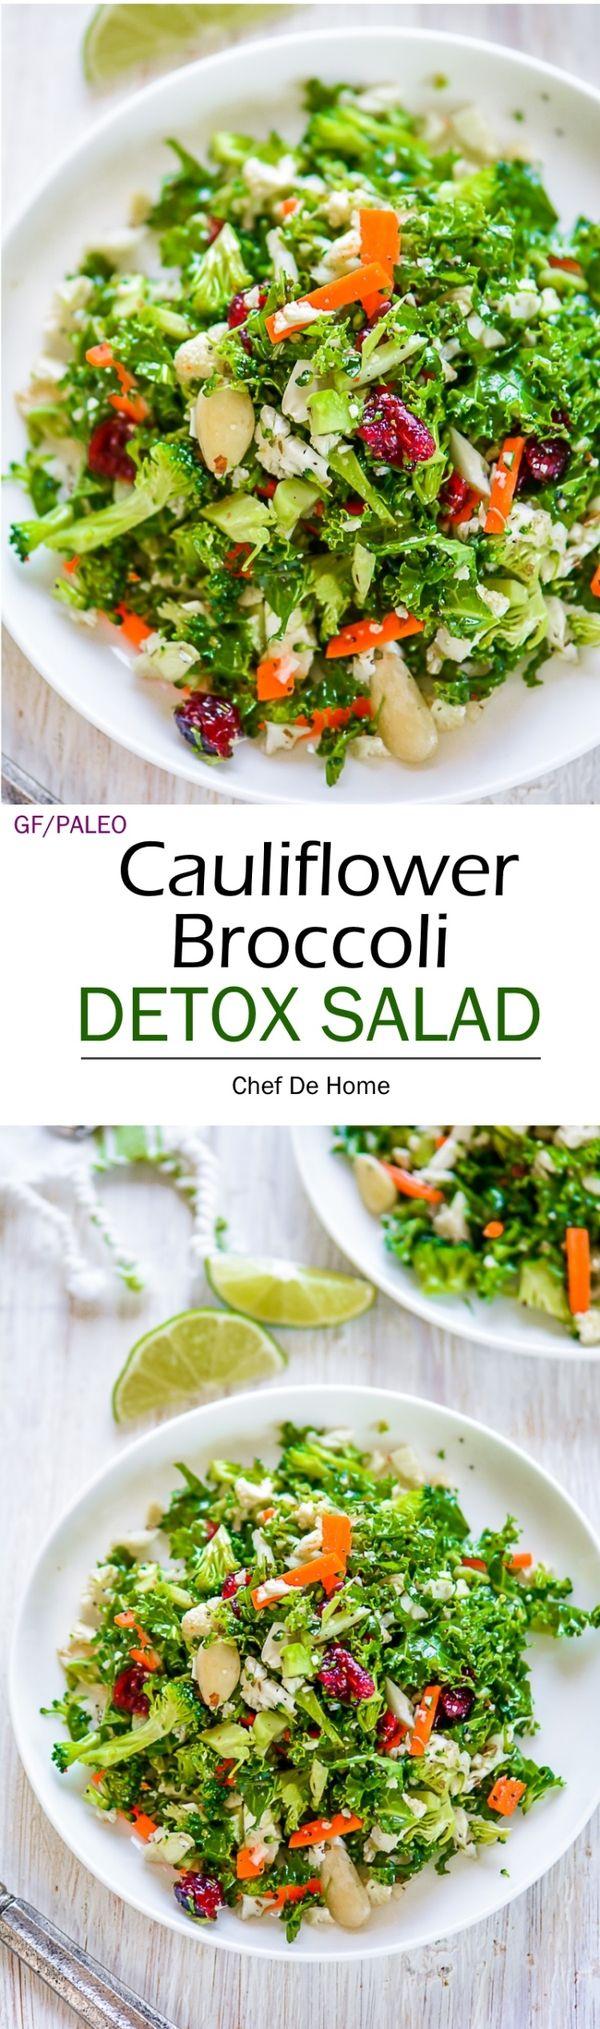 Cauliflower and Broccoli Detox Salad - Paleo carb-free broccoli detox salad loaded with crunchy broccoli, cauliflower, kale, and carrots, coated in a lemony ginger-oregano dressing.